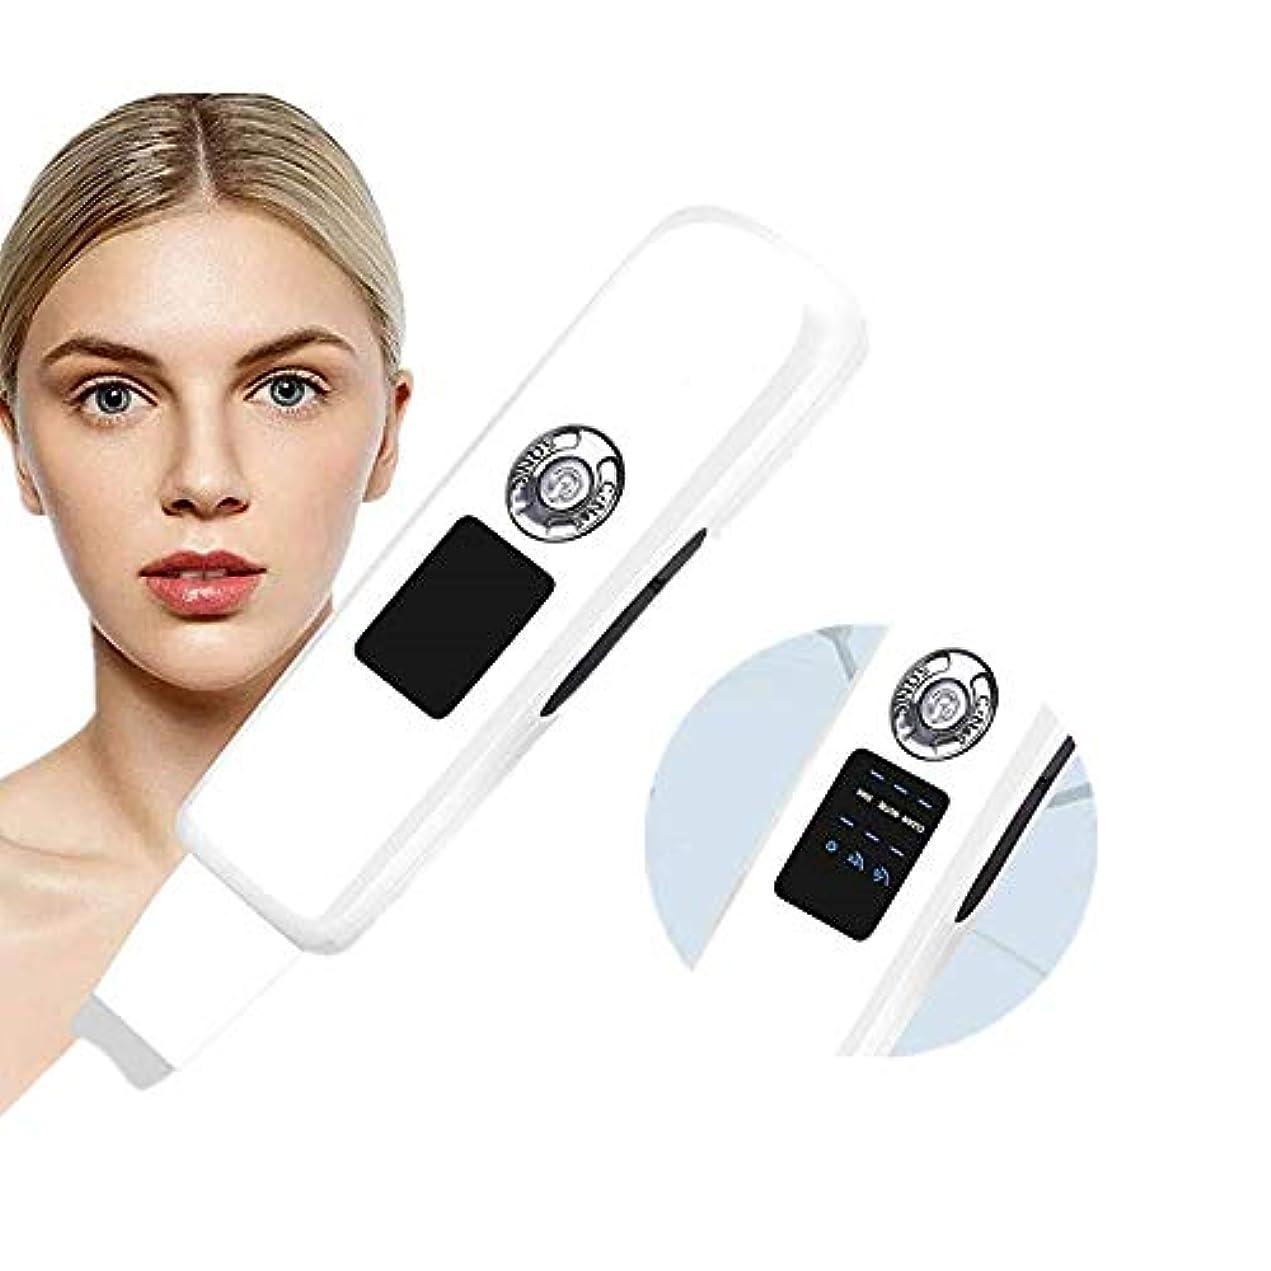 過半数尊敬する引用顔の皮膚スクラバー、ジェントルは男性女性ネックホワイトニングTighting若返りのためのリフティング&ファーミングツール、ブラックヘッドコメド毛穴クリーナー死んだ皮膚角質層の抽出を削除します